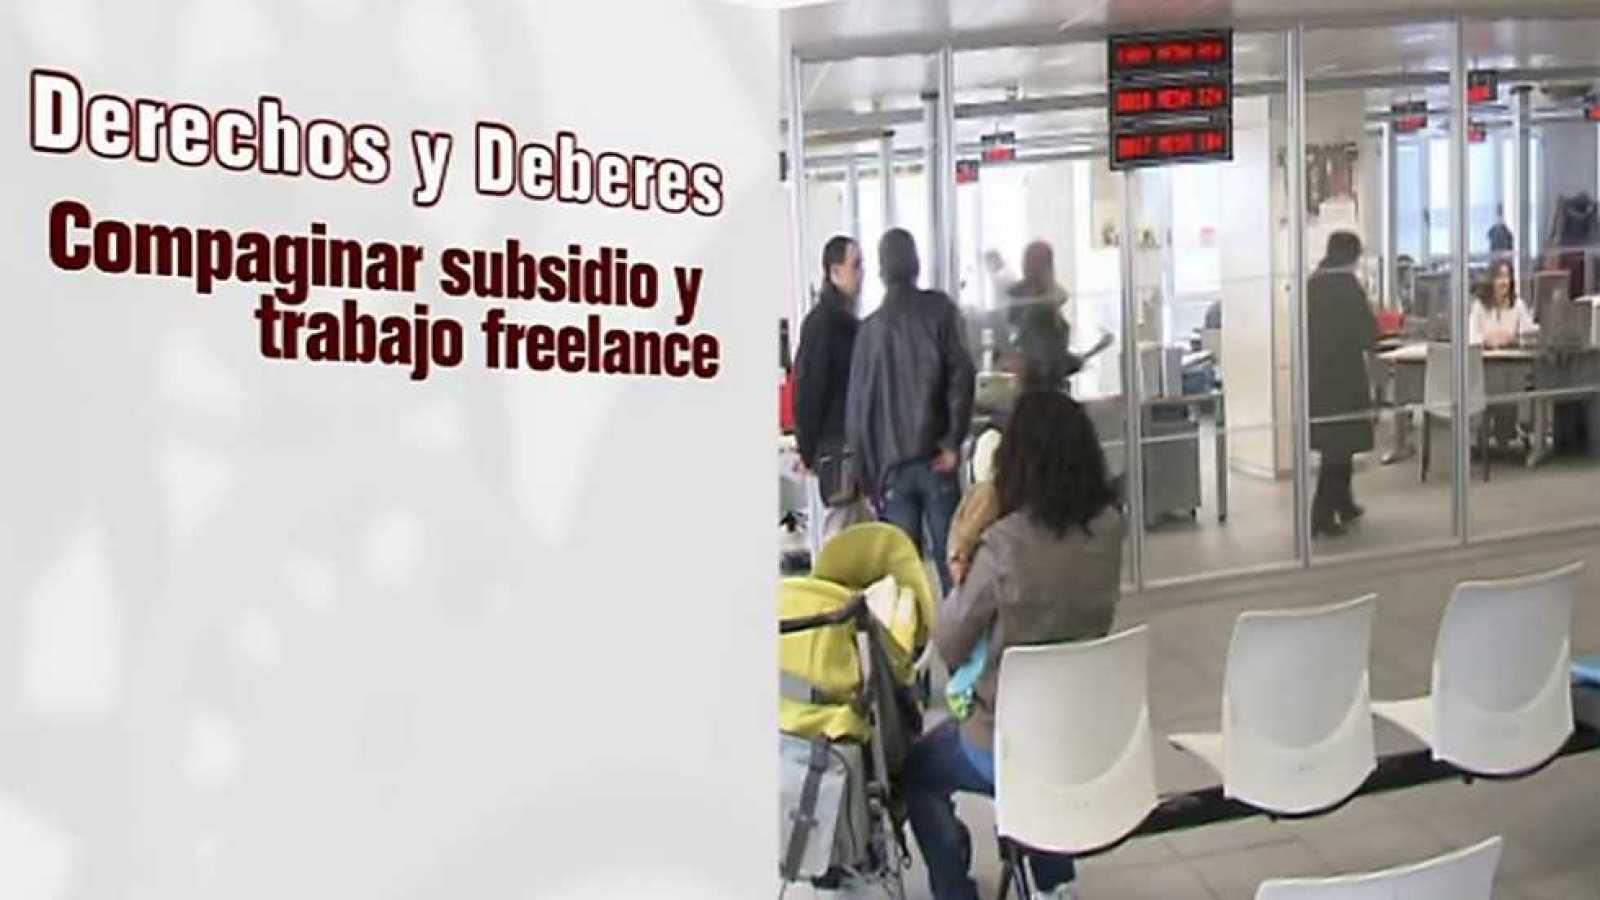 Aquí hay trabajo - 04/11/16 - RTVE.es